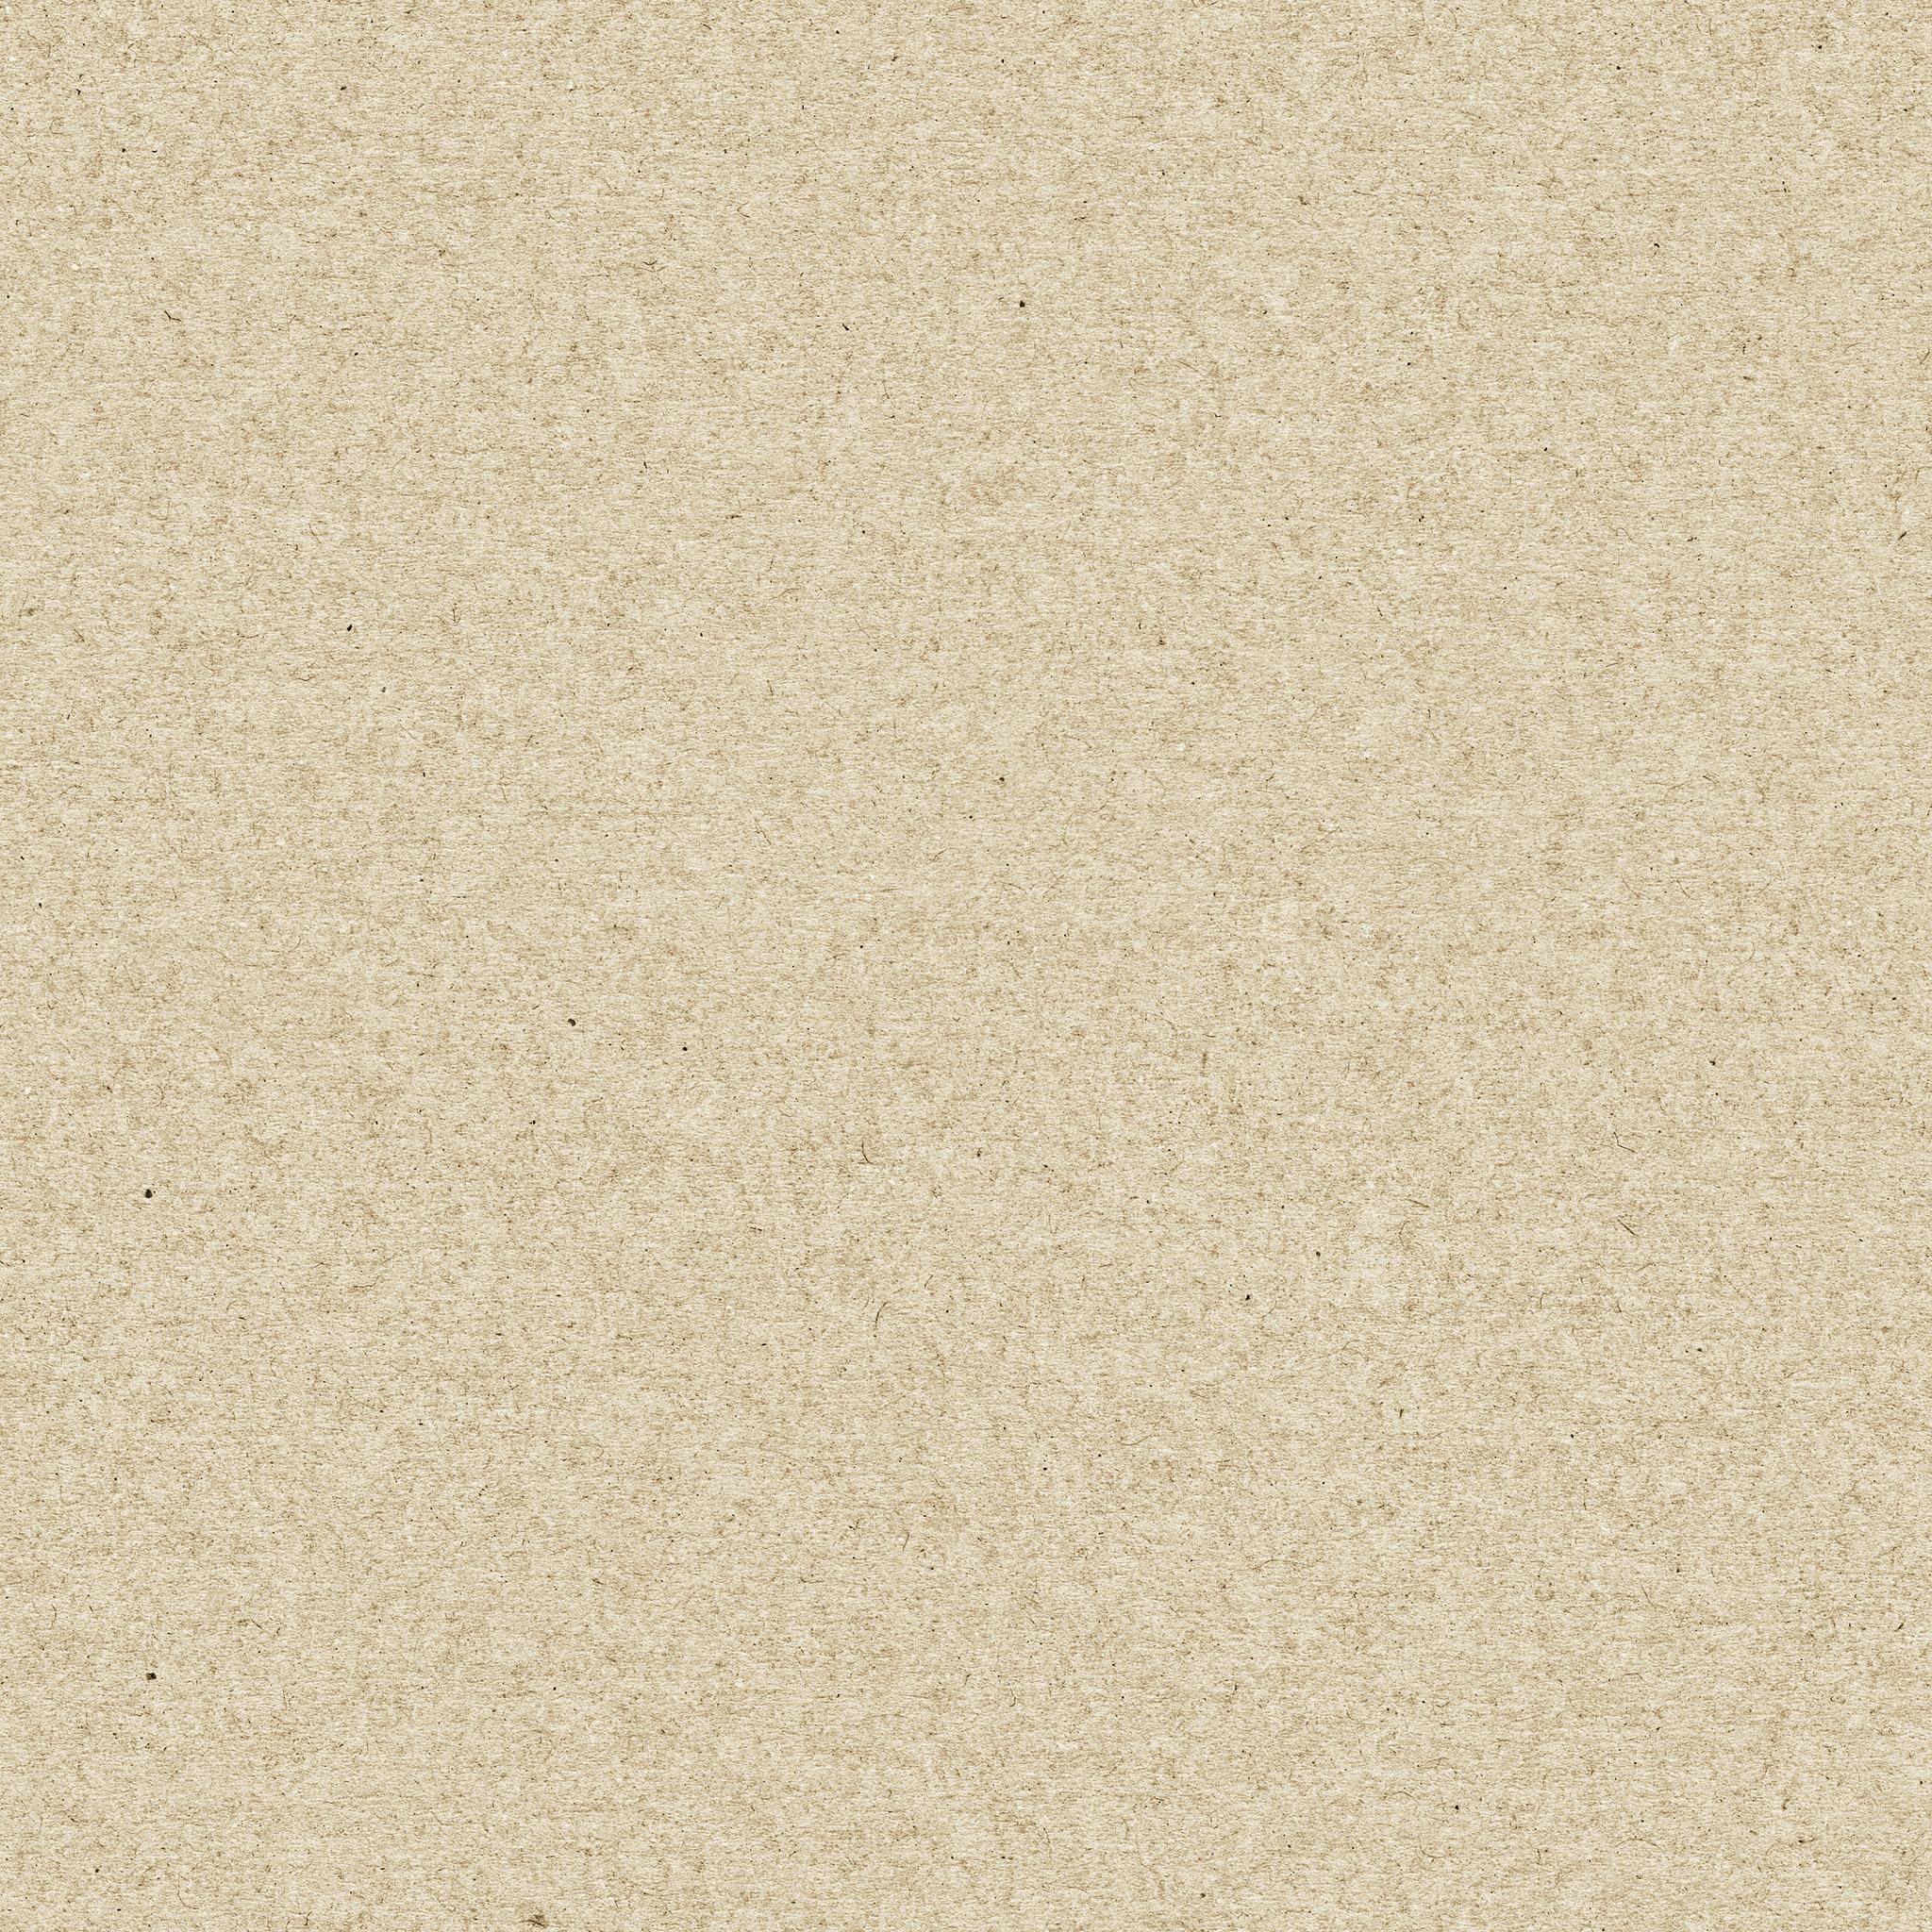 retro-paper-texture